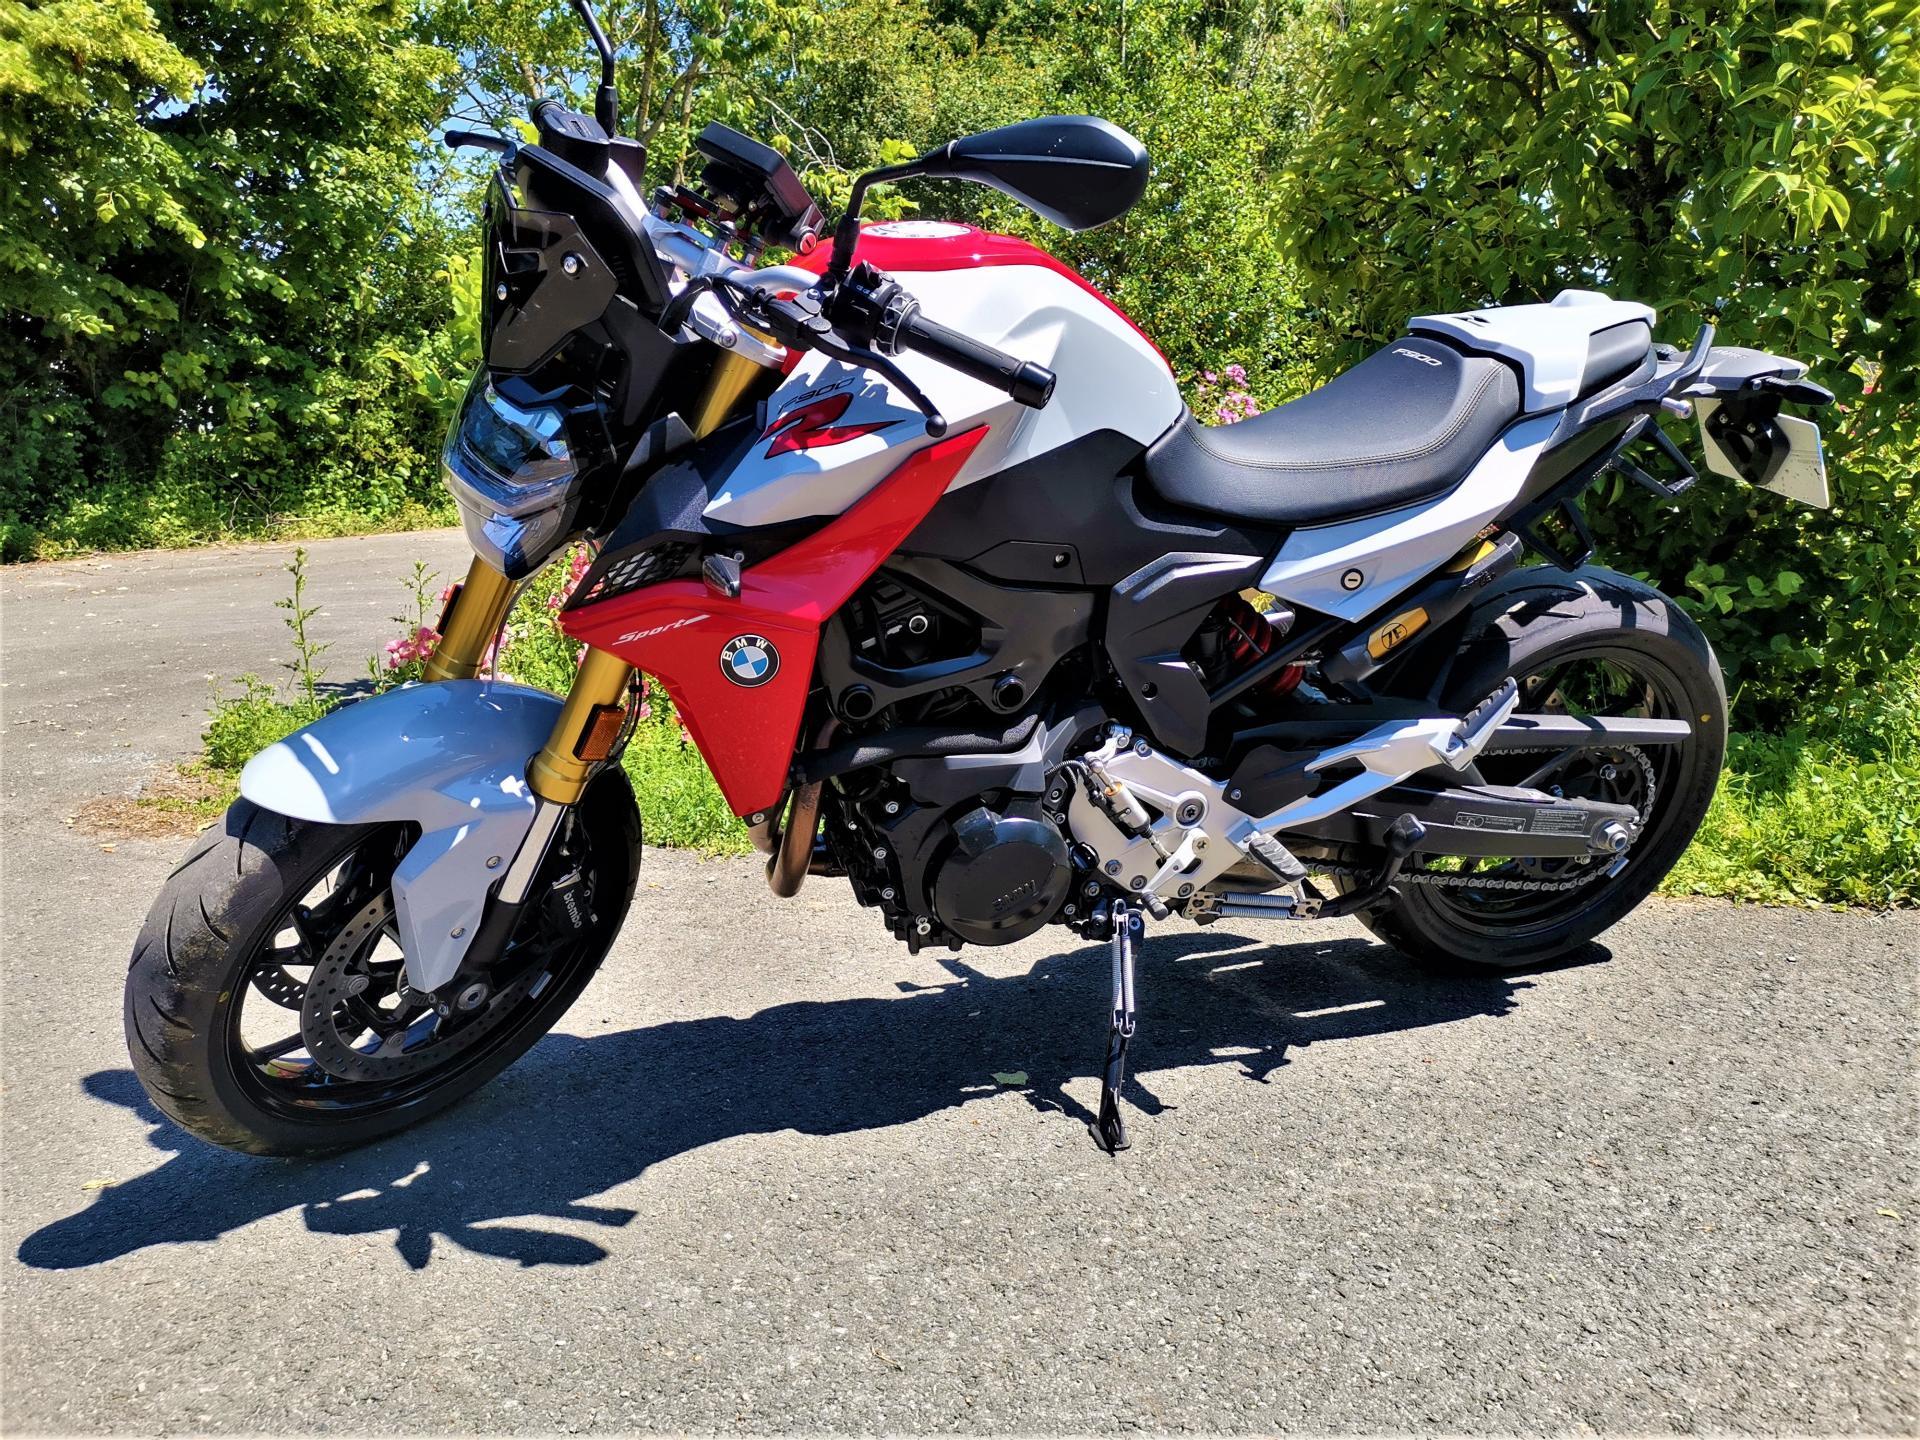 F900r louer chez nord location rider